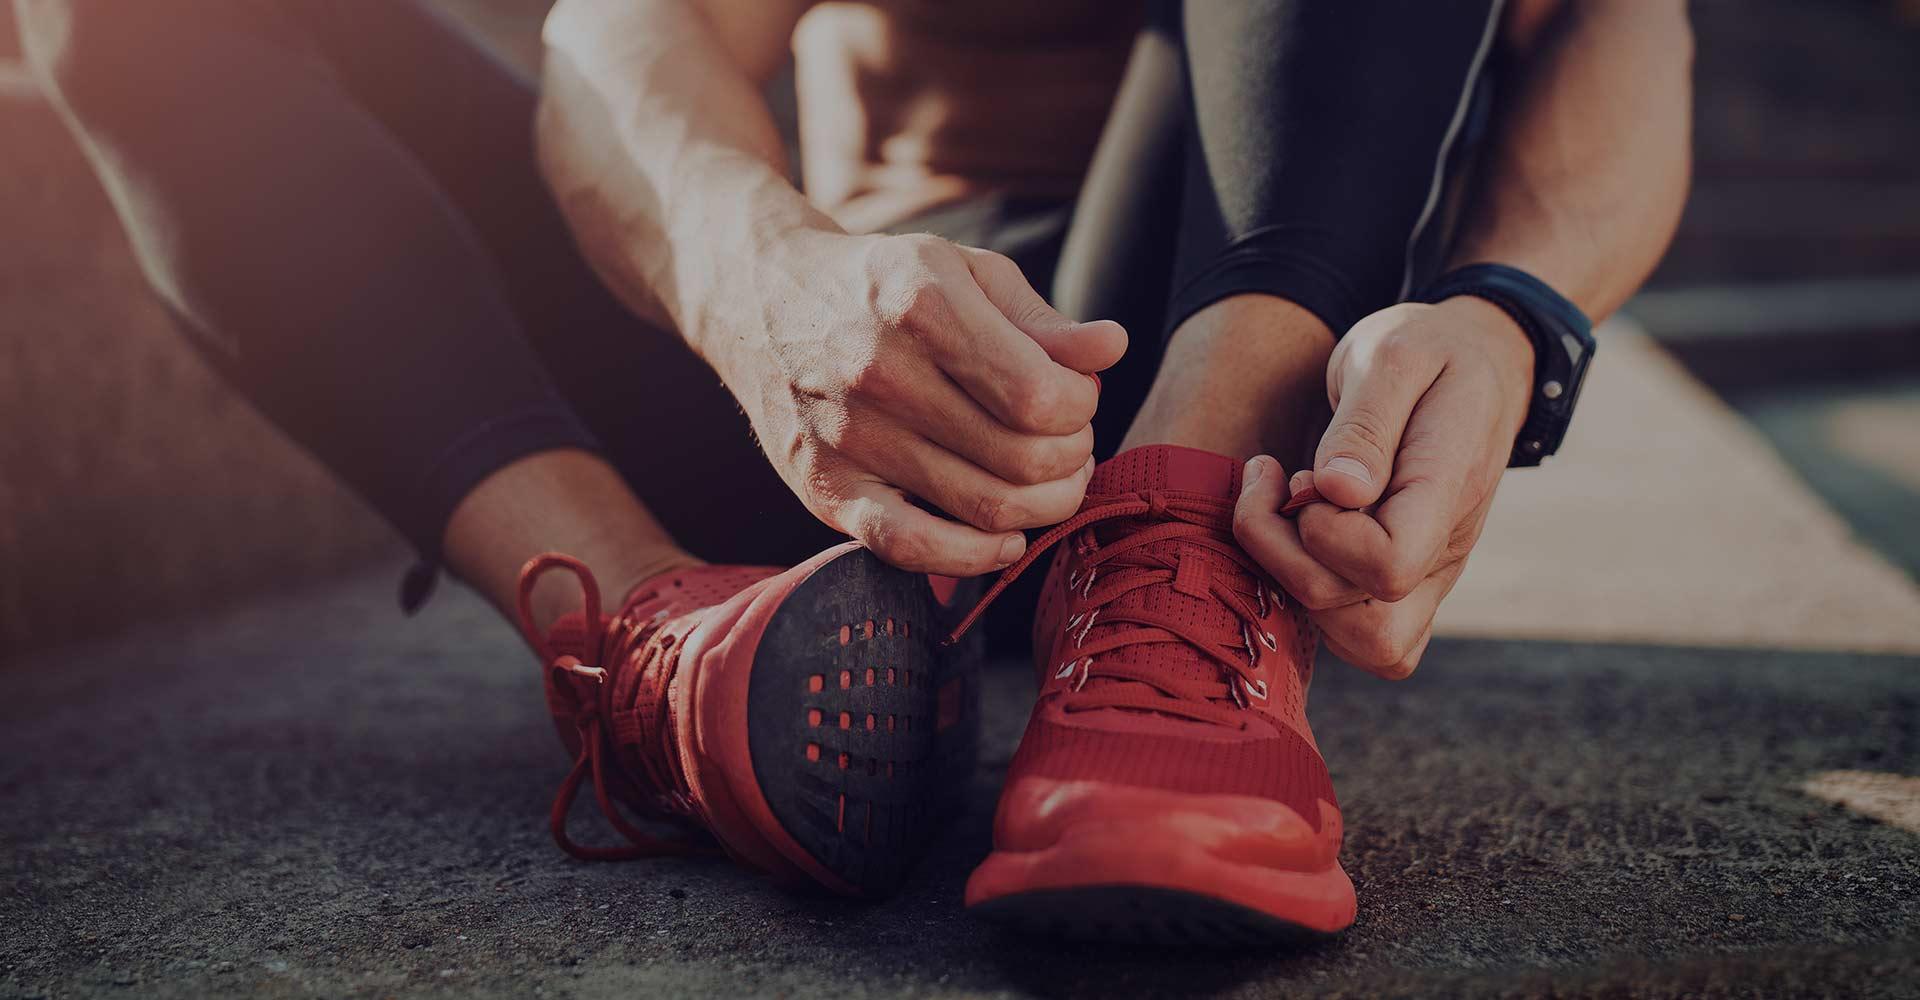 palestra lecce fitness sport corsi